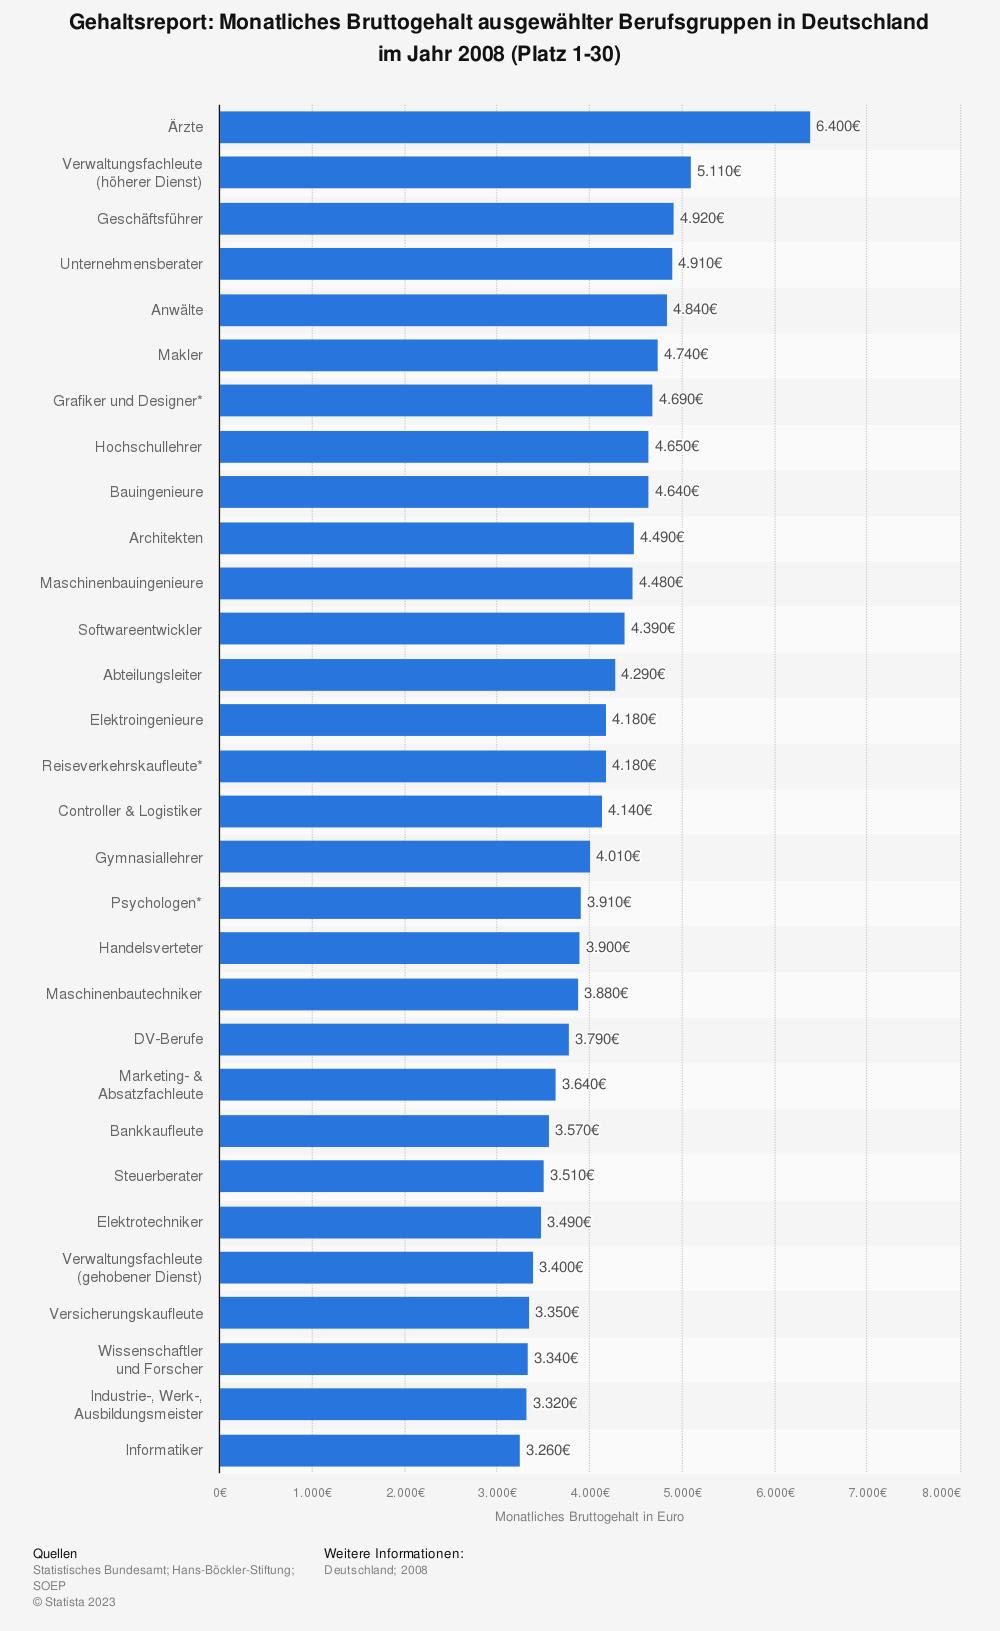 Statistik: Gehaltsreport: Monatliches Bruttogehalt ausgewählter Berufsgruppen in Deutschland im Jahr 2008 (Platz 1-30) | Statista